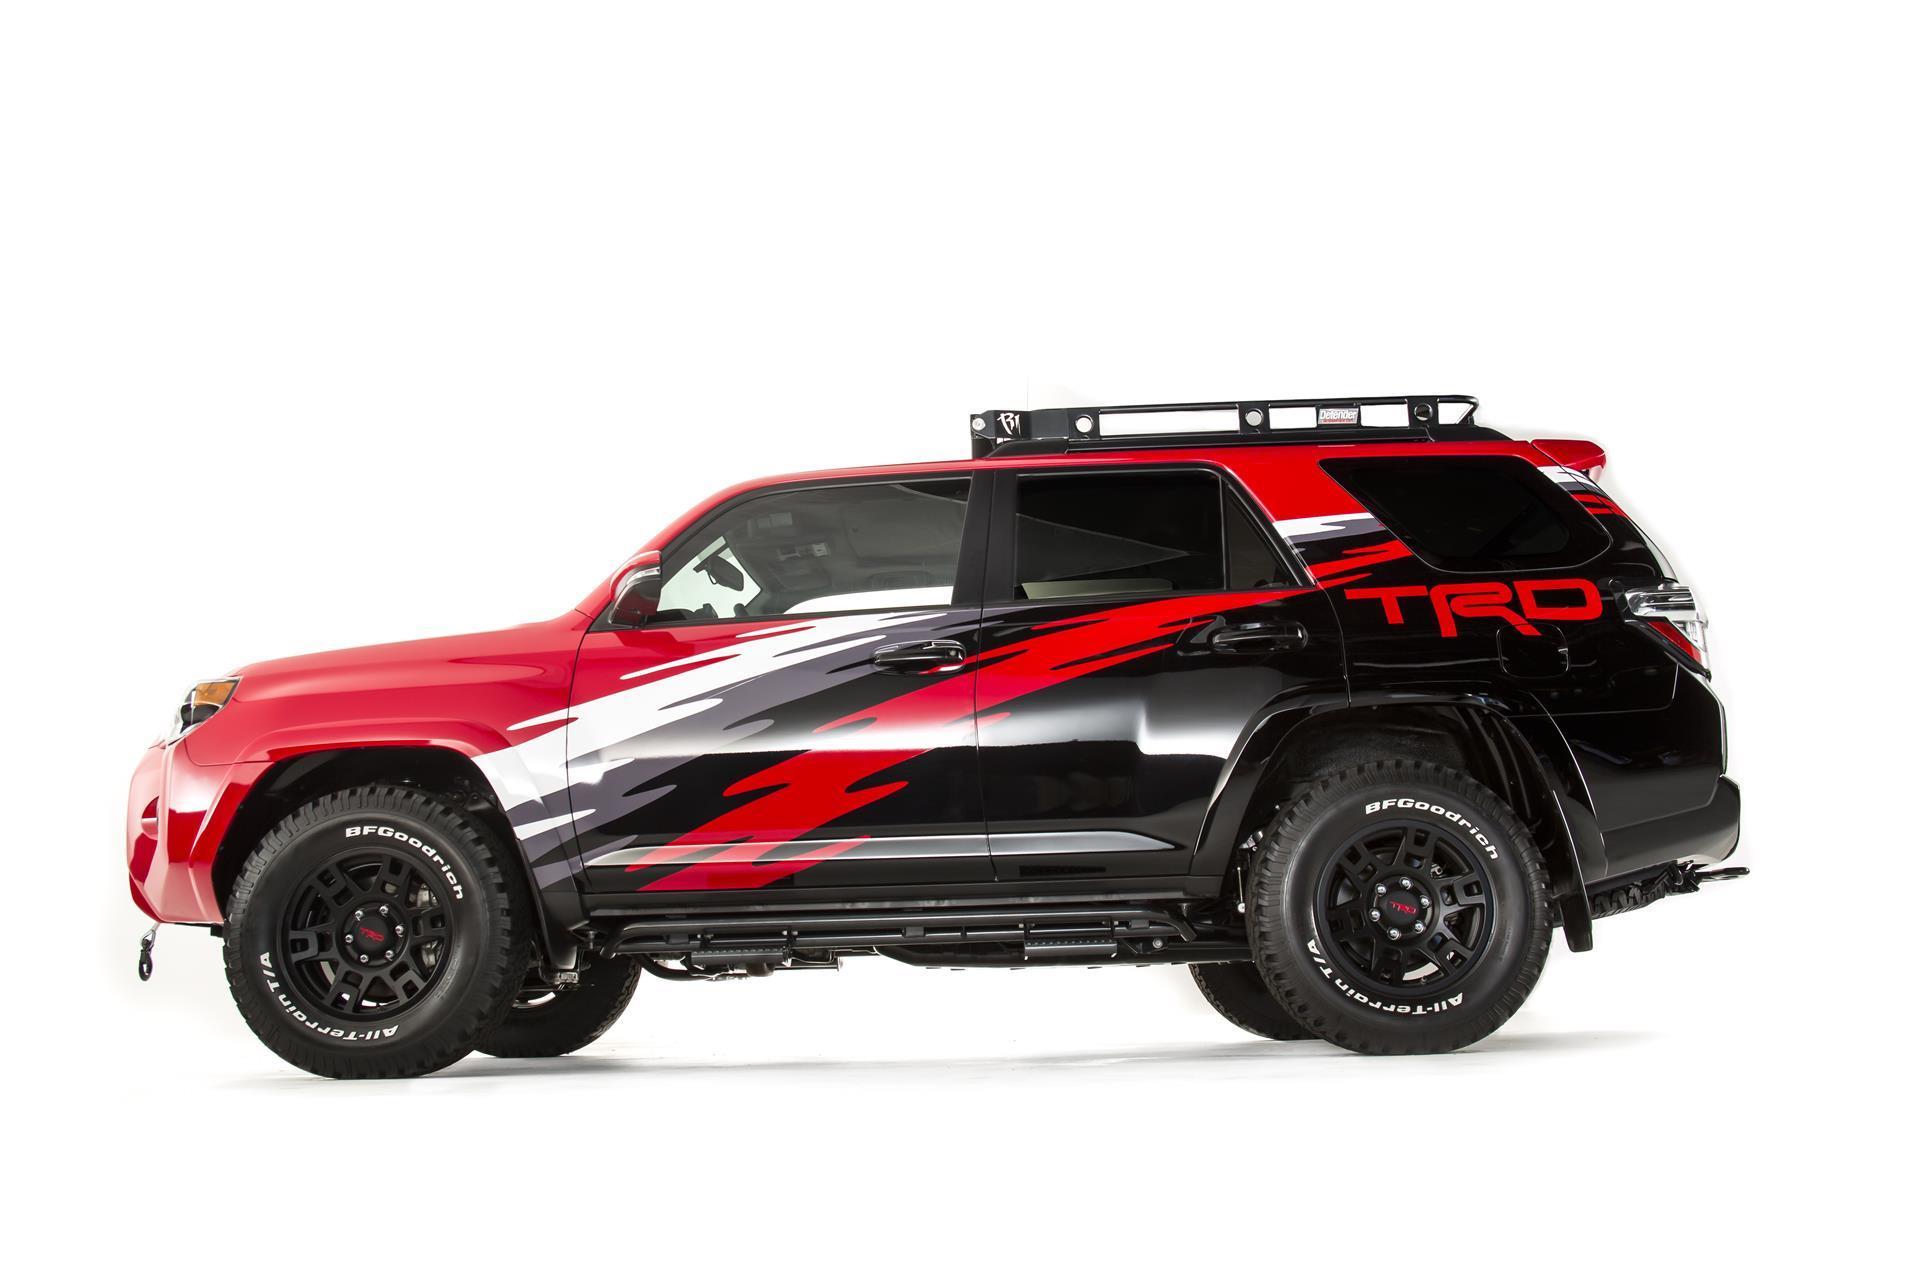 4 Runner >> 2014 Toyota 4Runner TRD SEMA - conceptcarz.com